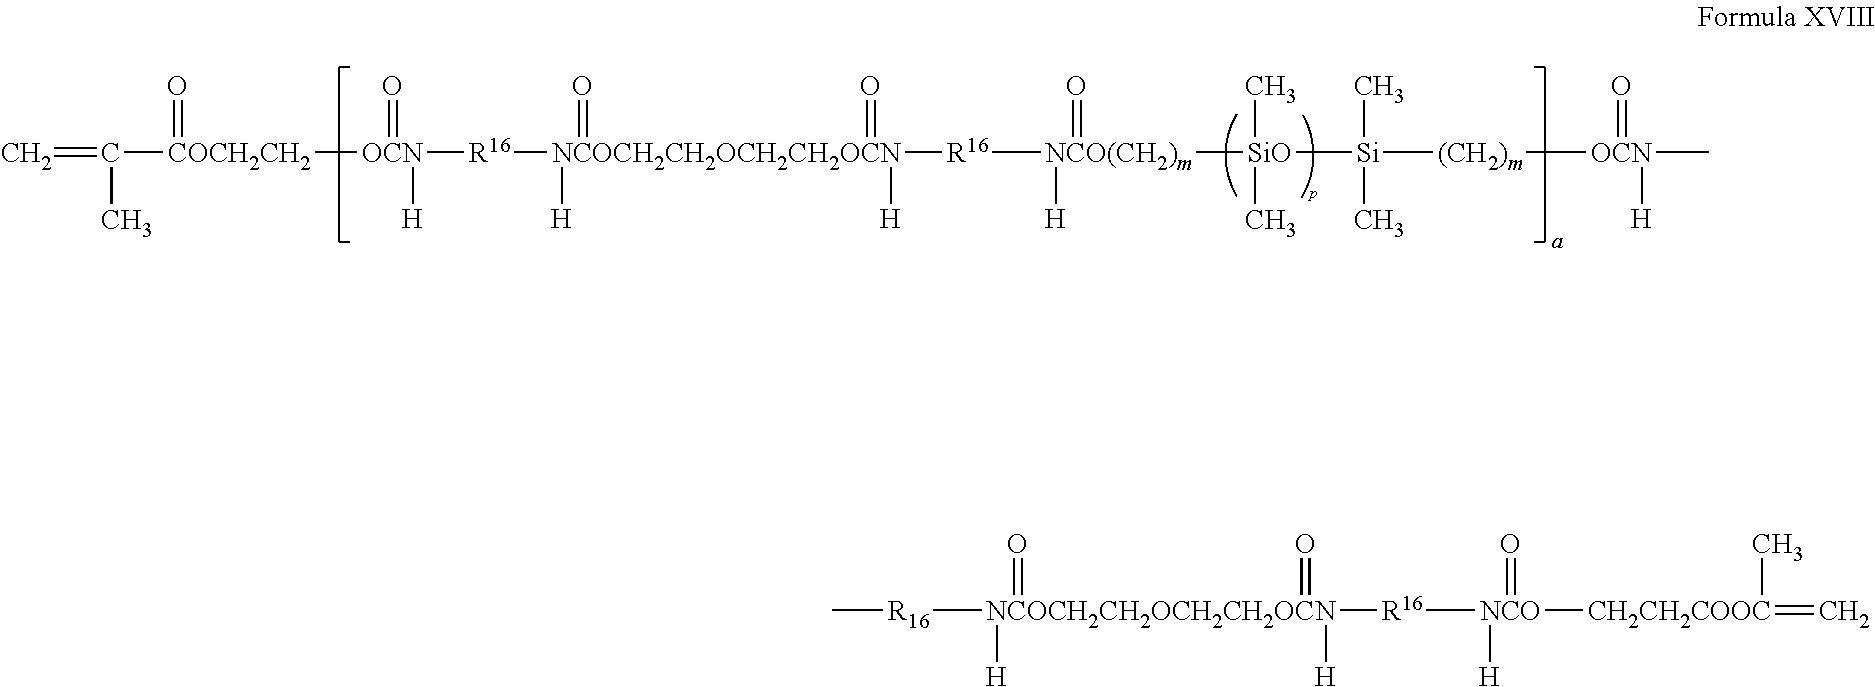 Figure US09612364-20170404-C00013